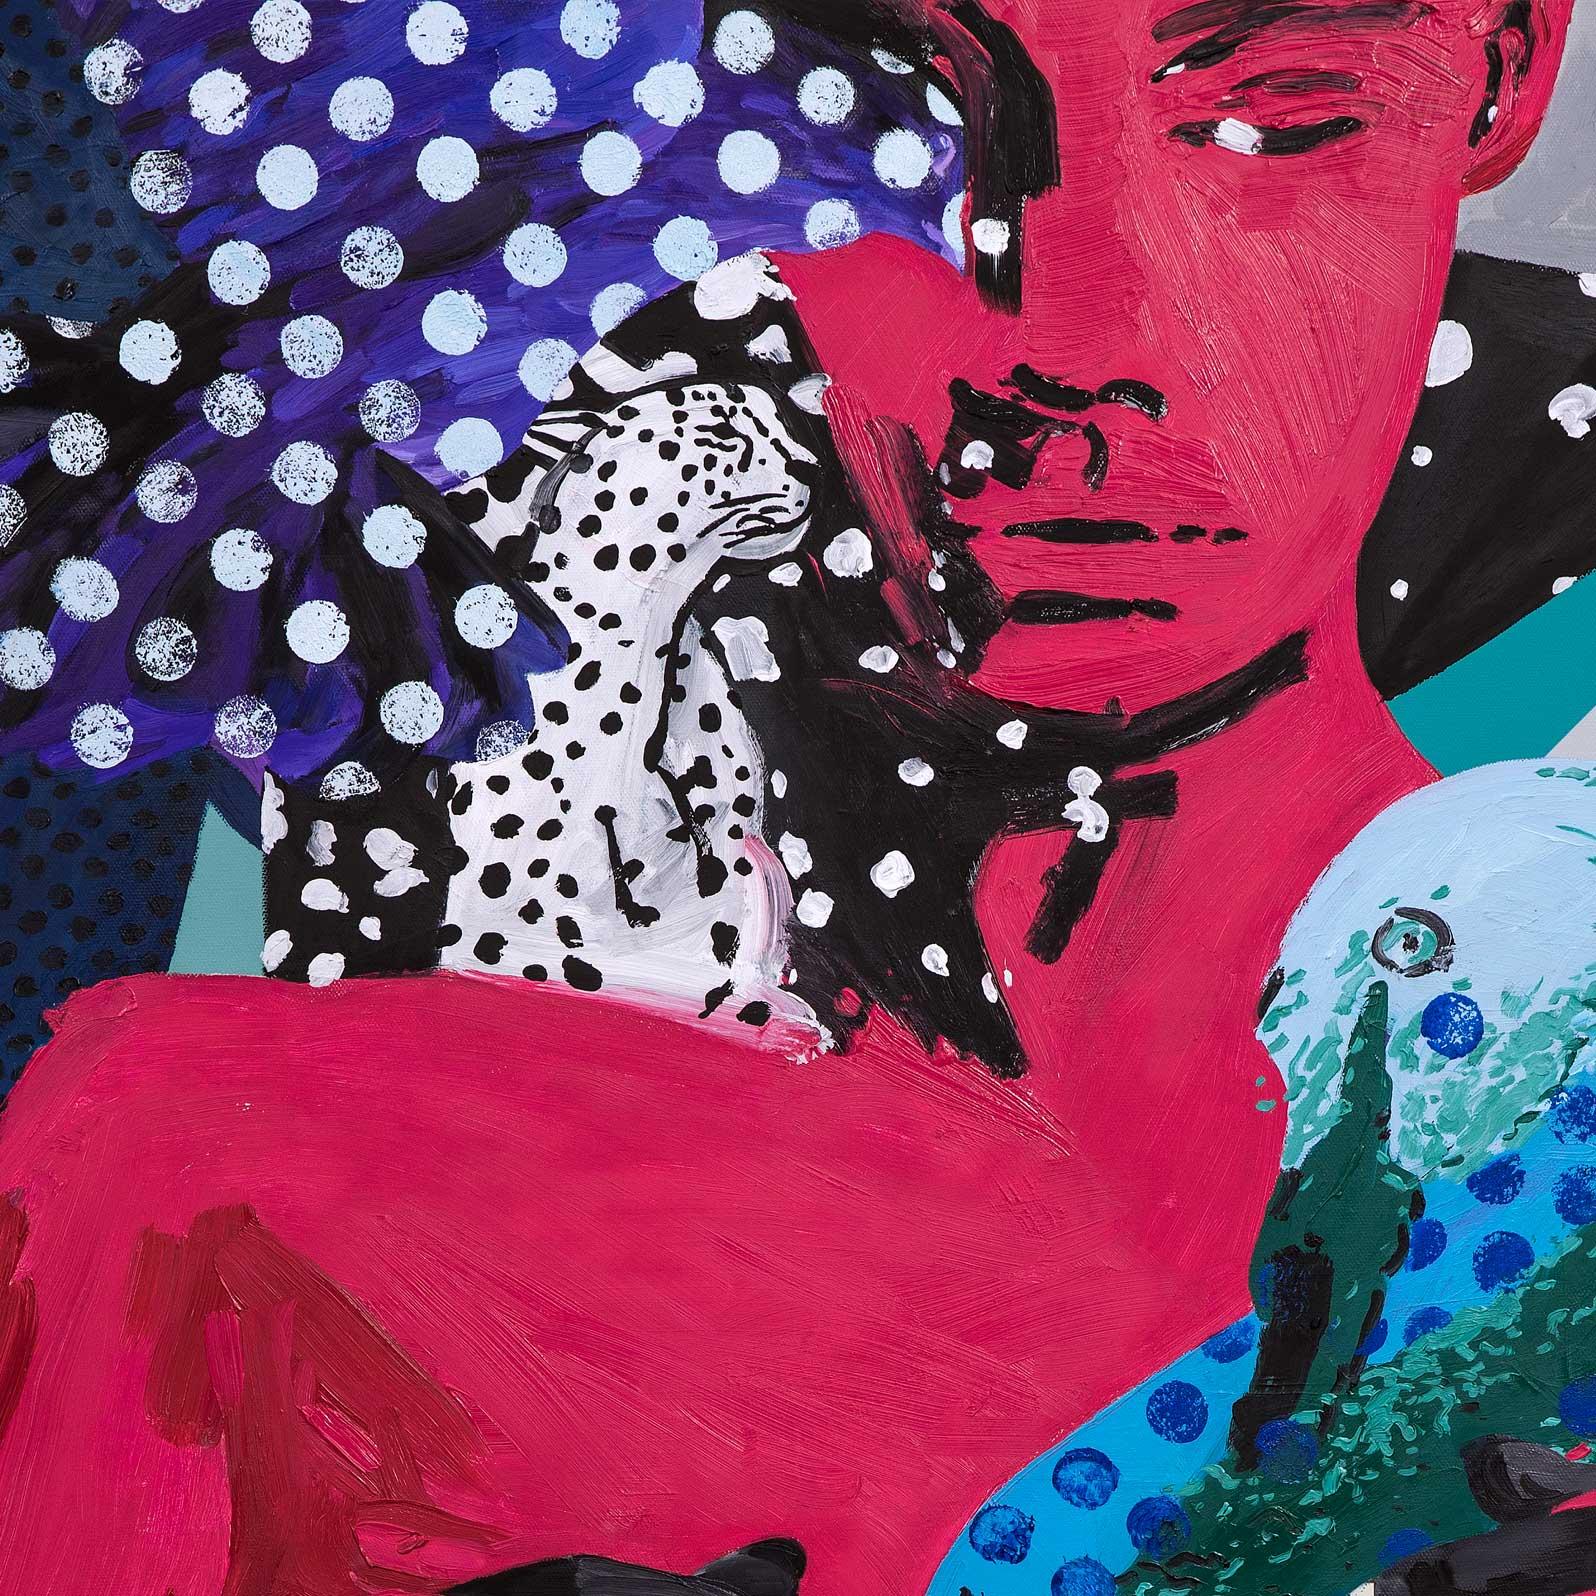 Anca Stefanescu | Modern Oil Painting Artists, Messengers